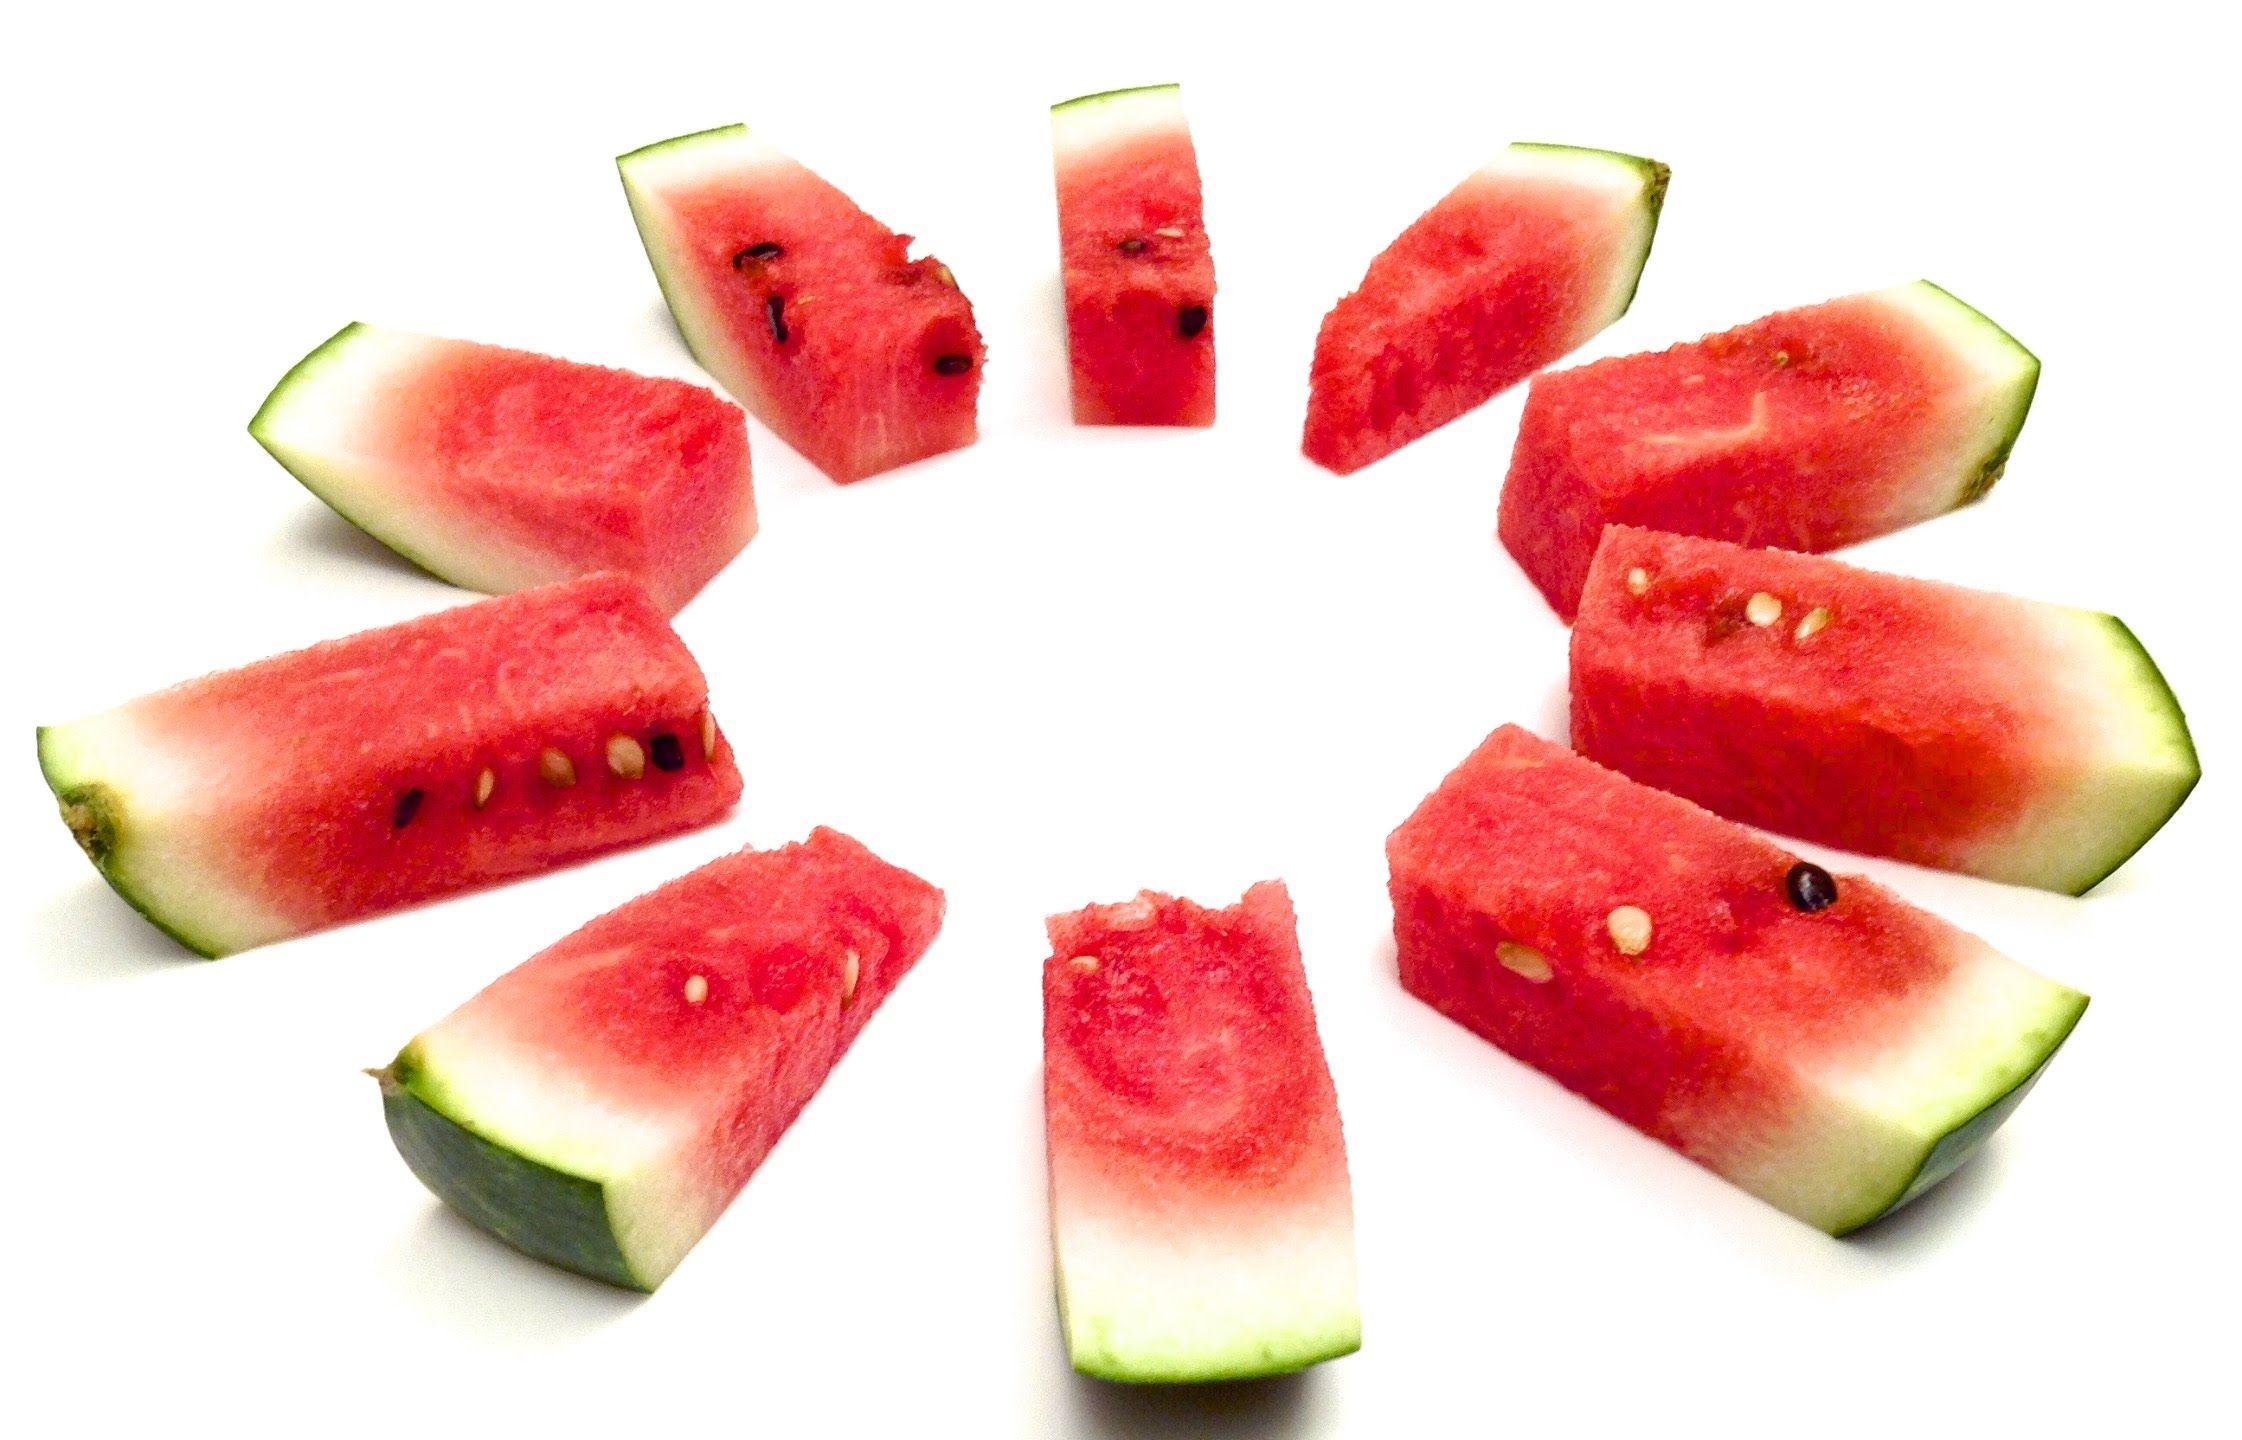 comment couper et servir un melon d 39 eau en 1 minute hd. Black Bedroom Furniture Sets. Home Design Ideas